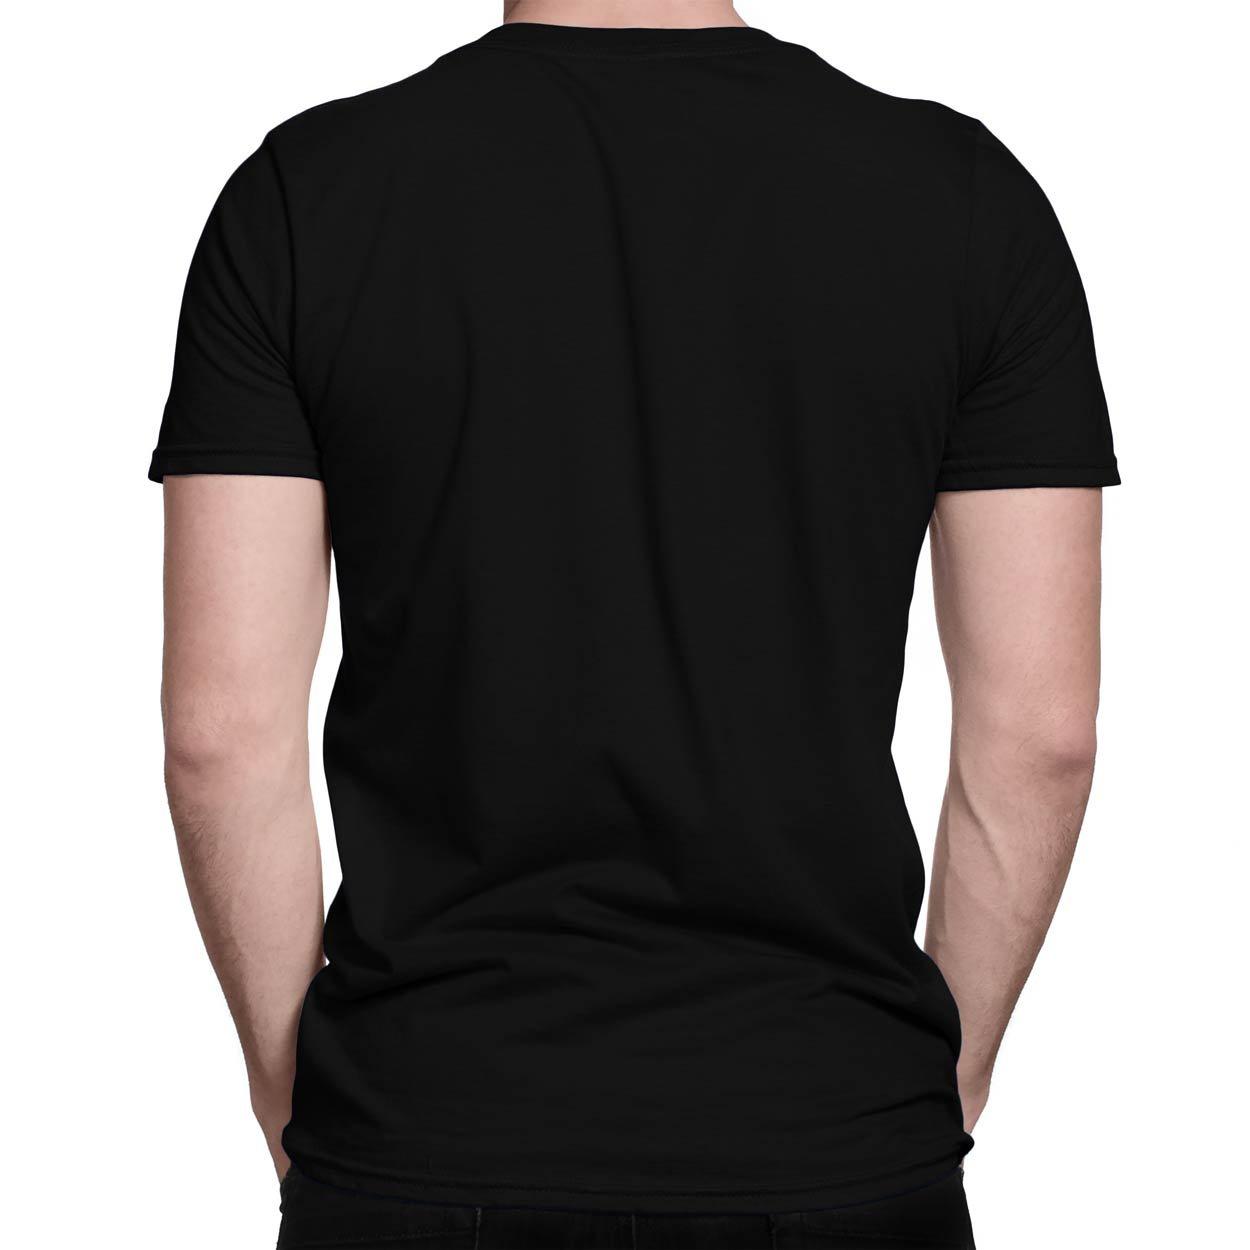 Regular Fit S /à 4XL Couleurs Assorties T-Shirt Imprim/é PAPAYANA T-Shirt Fun pour Hommes Indian-Motor-Club Cotton